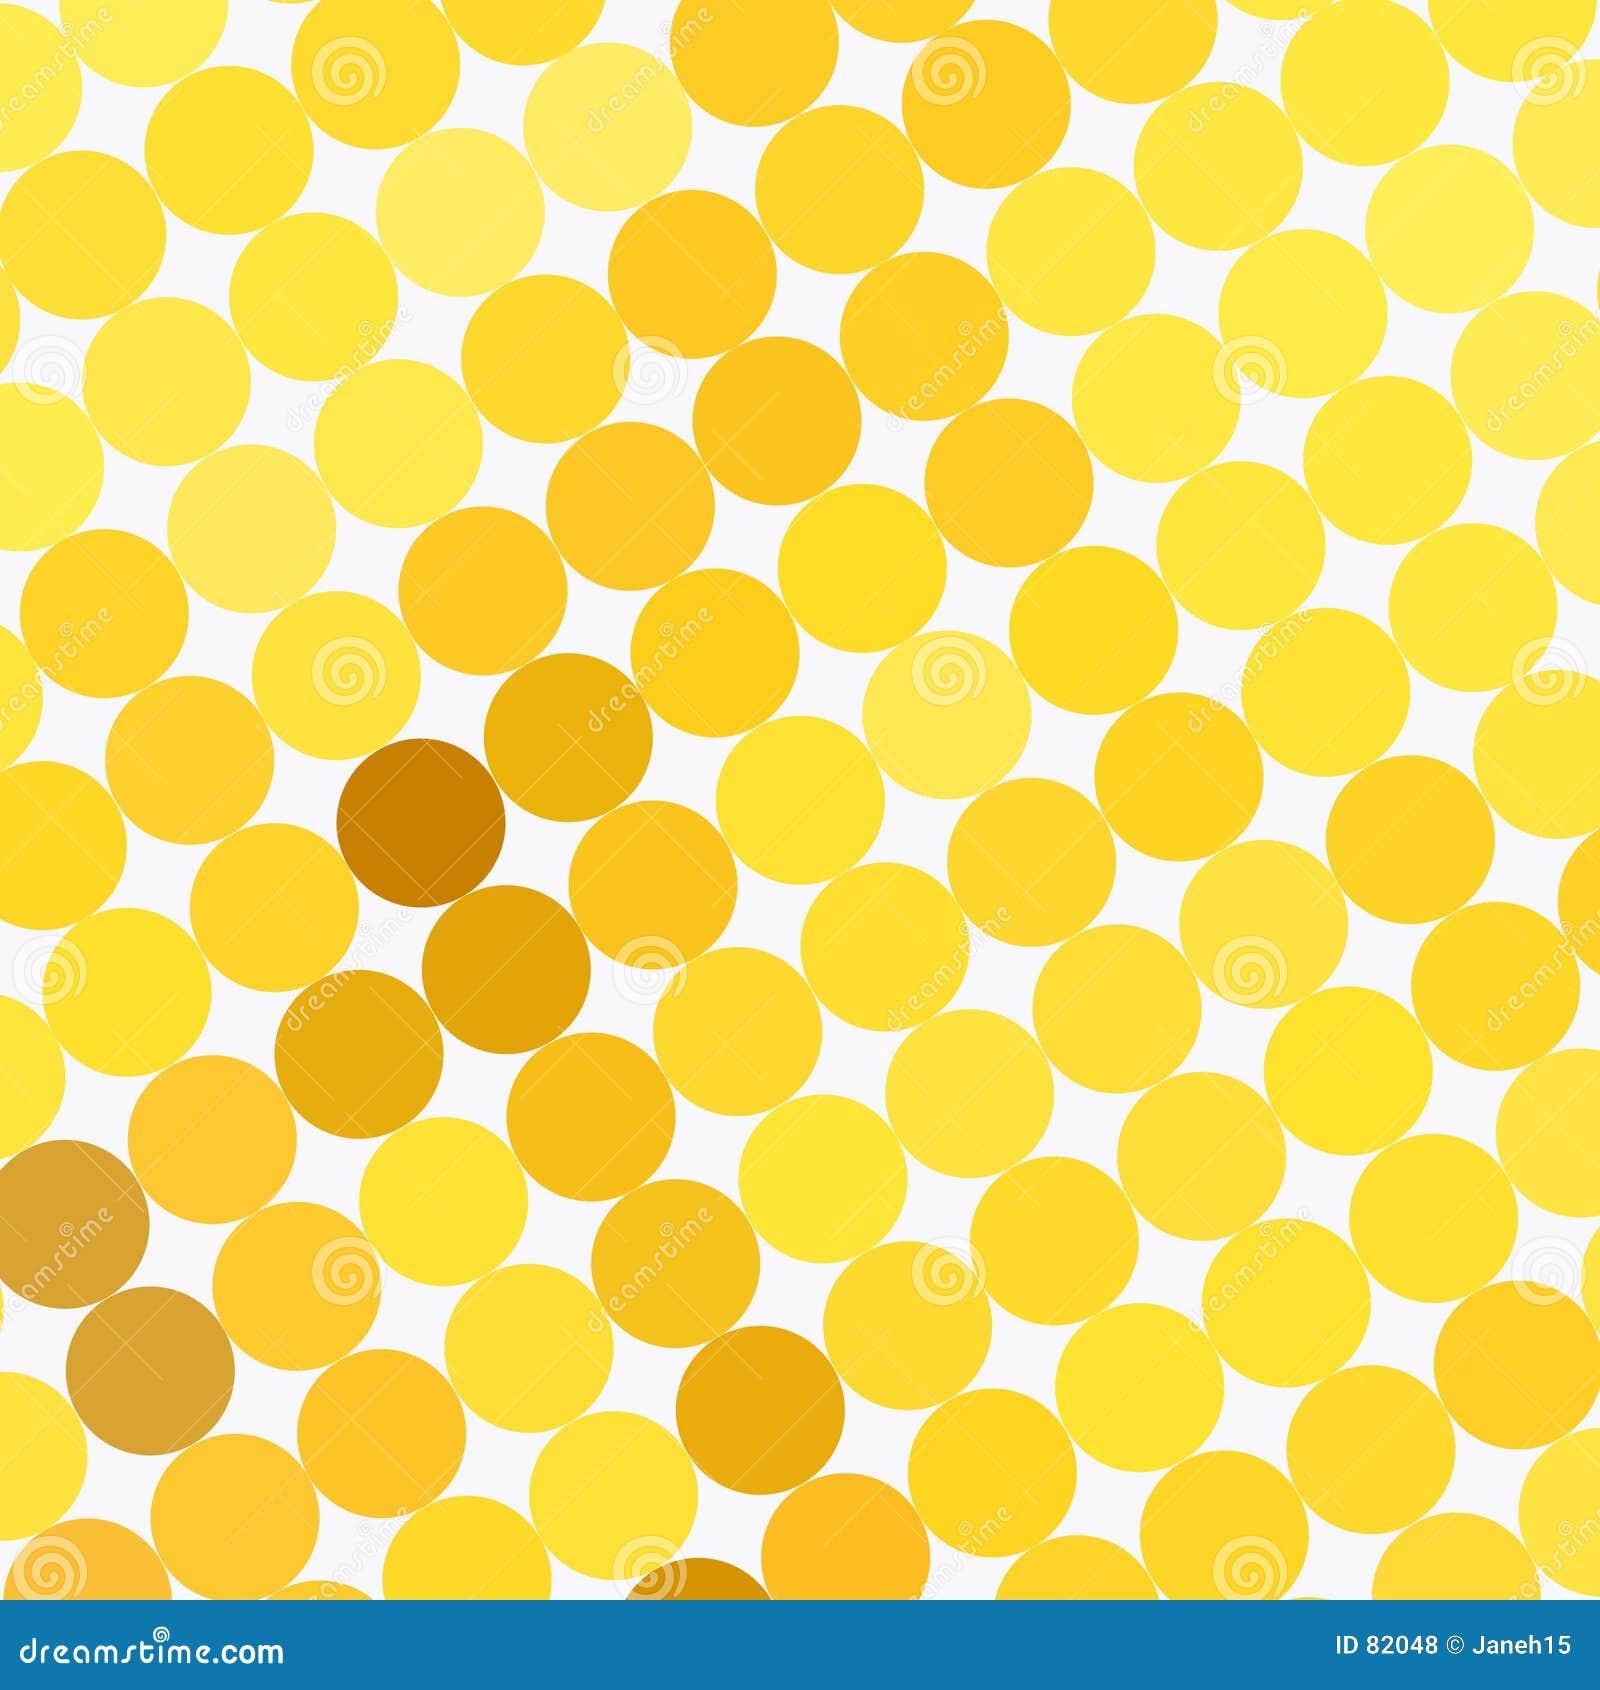 光点图形黄色